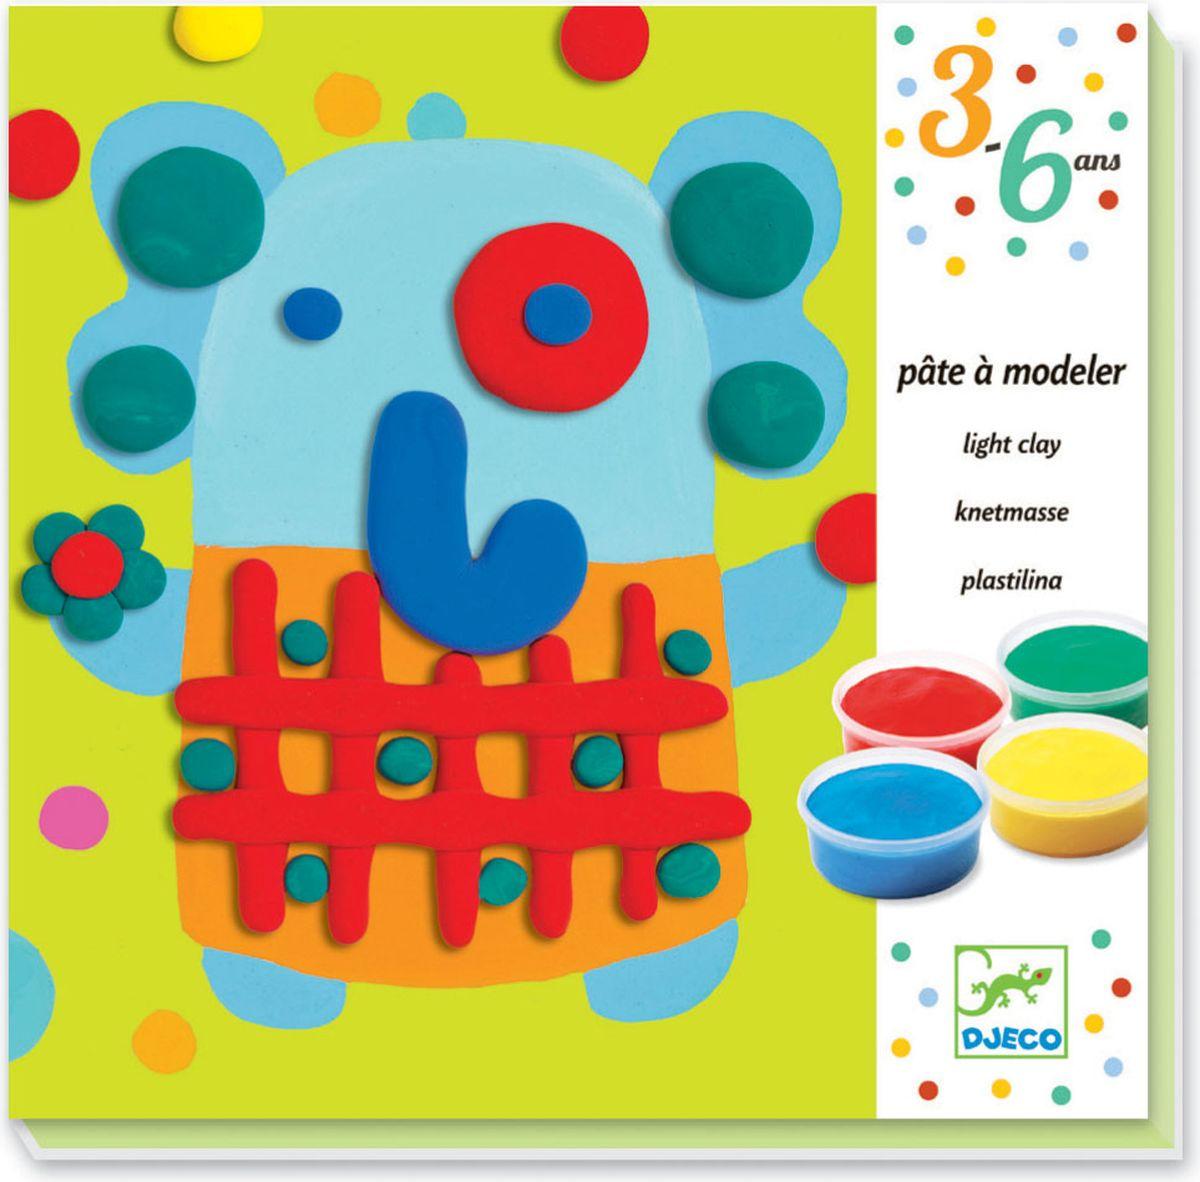 Набор для творчества Djeco Крокро для лепки из пластилина для самых маленьких.С помощью данного набора малыш сможет познакомиться с техникой работы с пластилином и создать яркие пластилиновые картины с изображением крокодила, слоника, зайчика и жирафа. Для этого не нужно много уметь, картины составляются из простейших фигур: кружочков и палочек. Подробная инструкция поможет сделать все правильно.Набор поможет развить у ребенка усидчивость, мелкую моторику и творческое мышление.